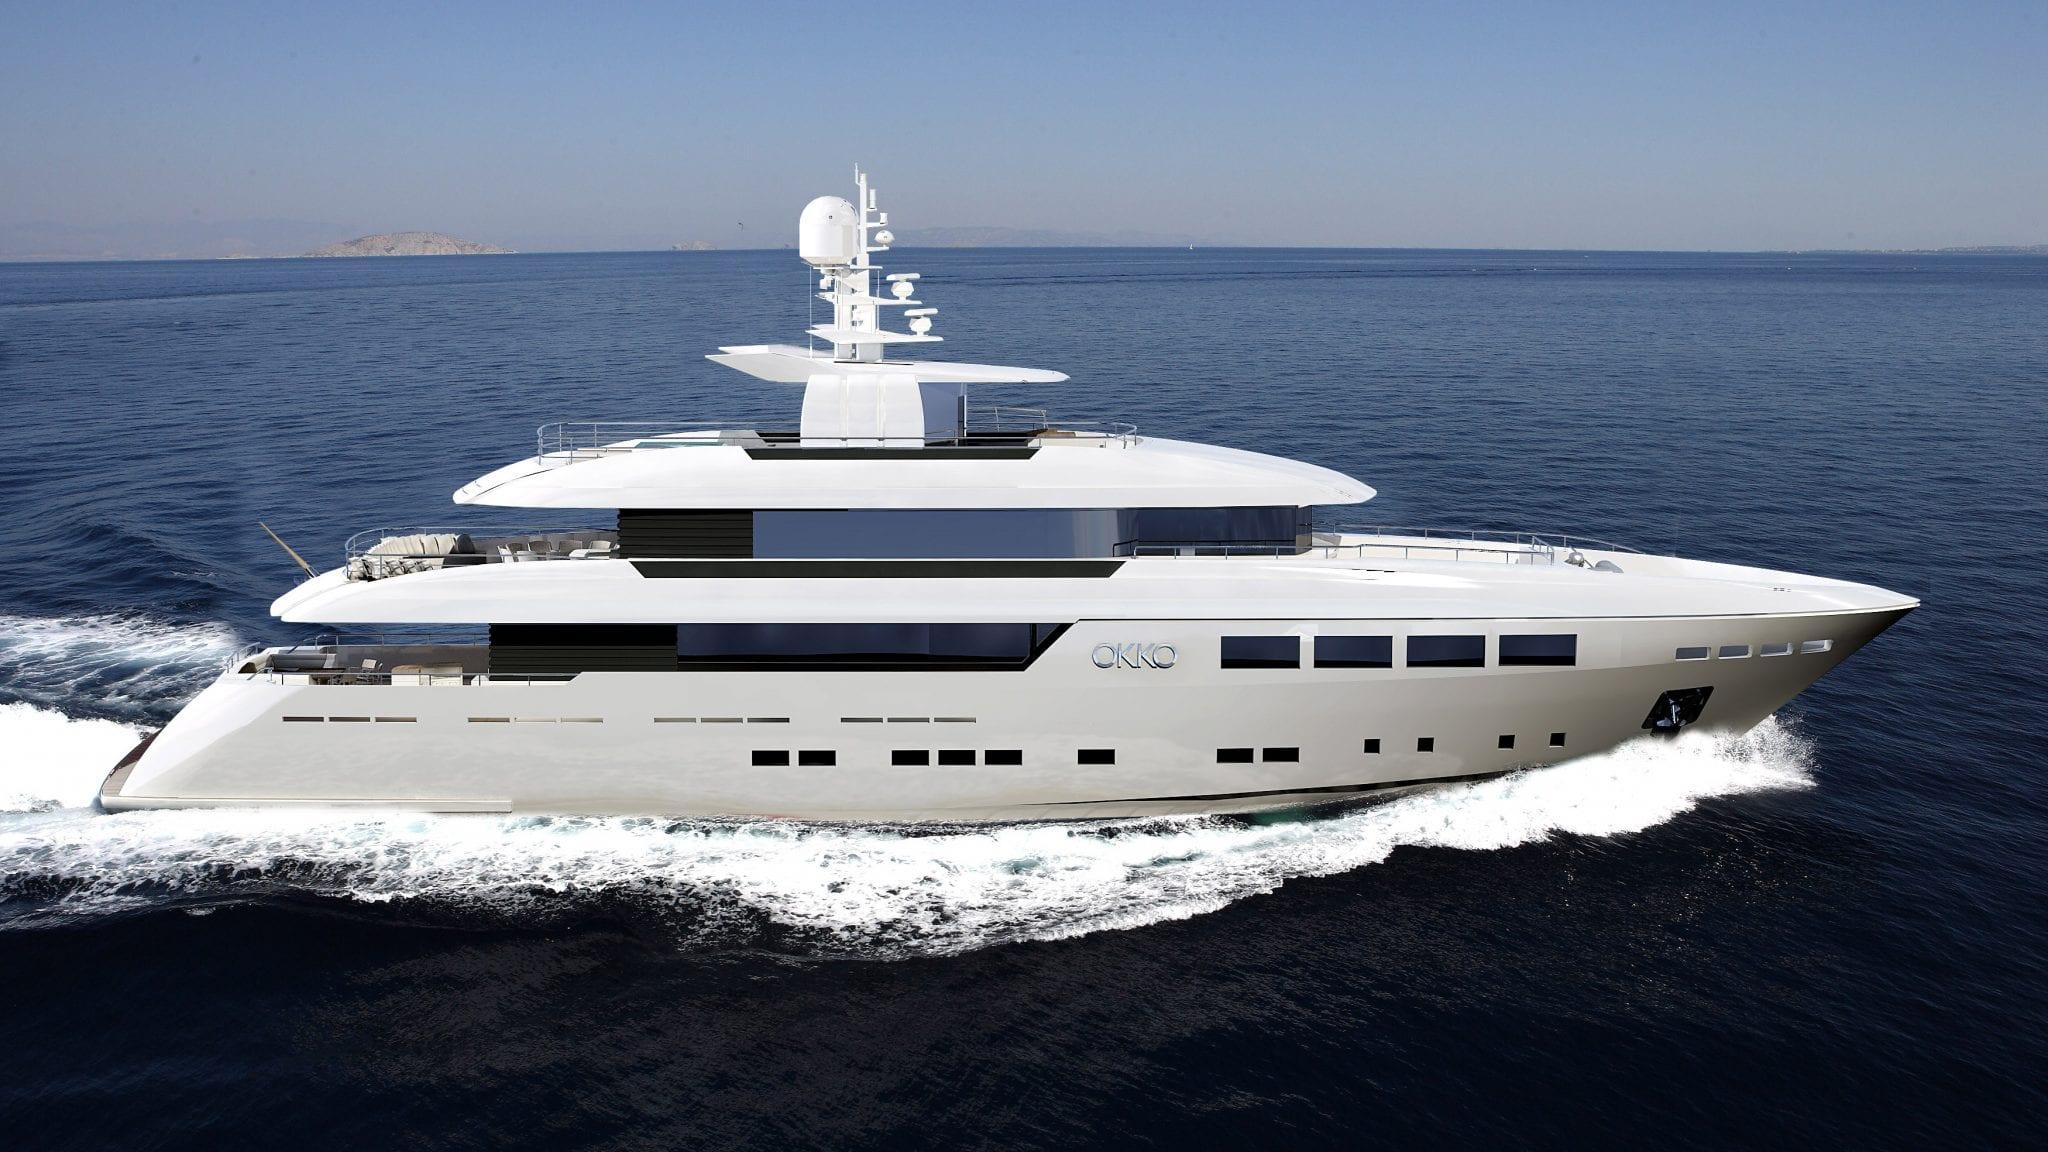 okko mondomarine luxury motor yacht